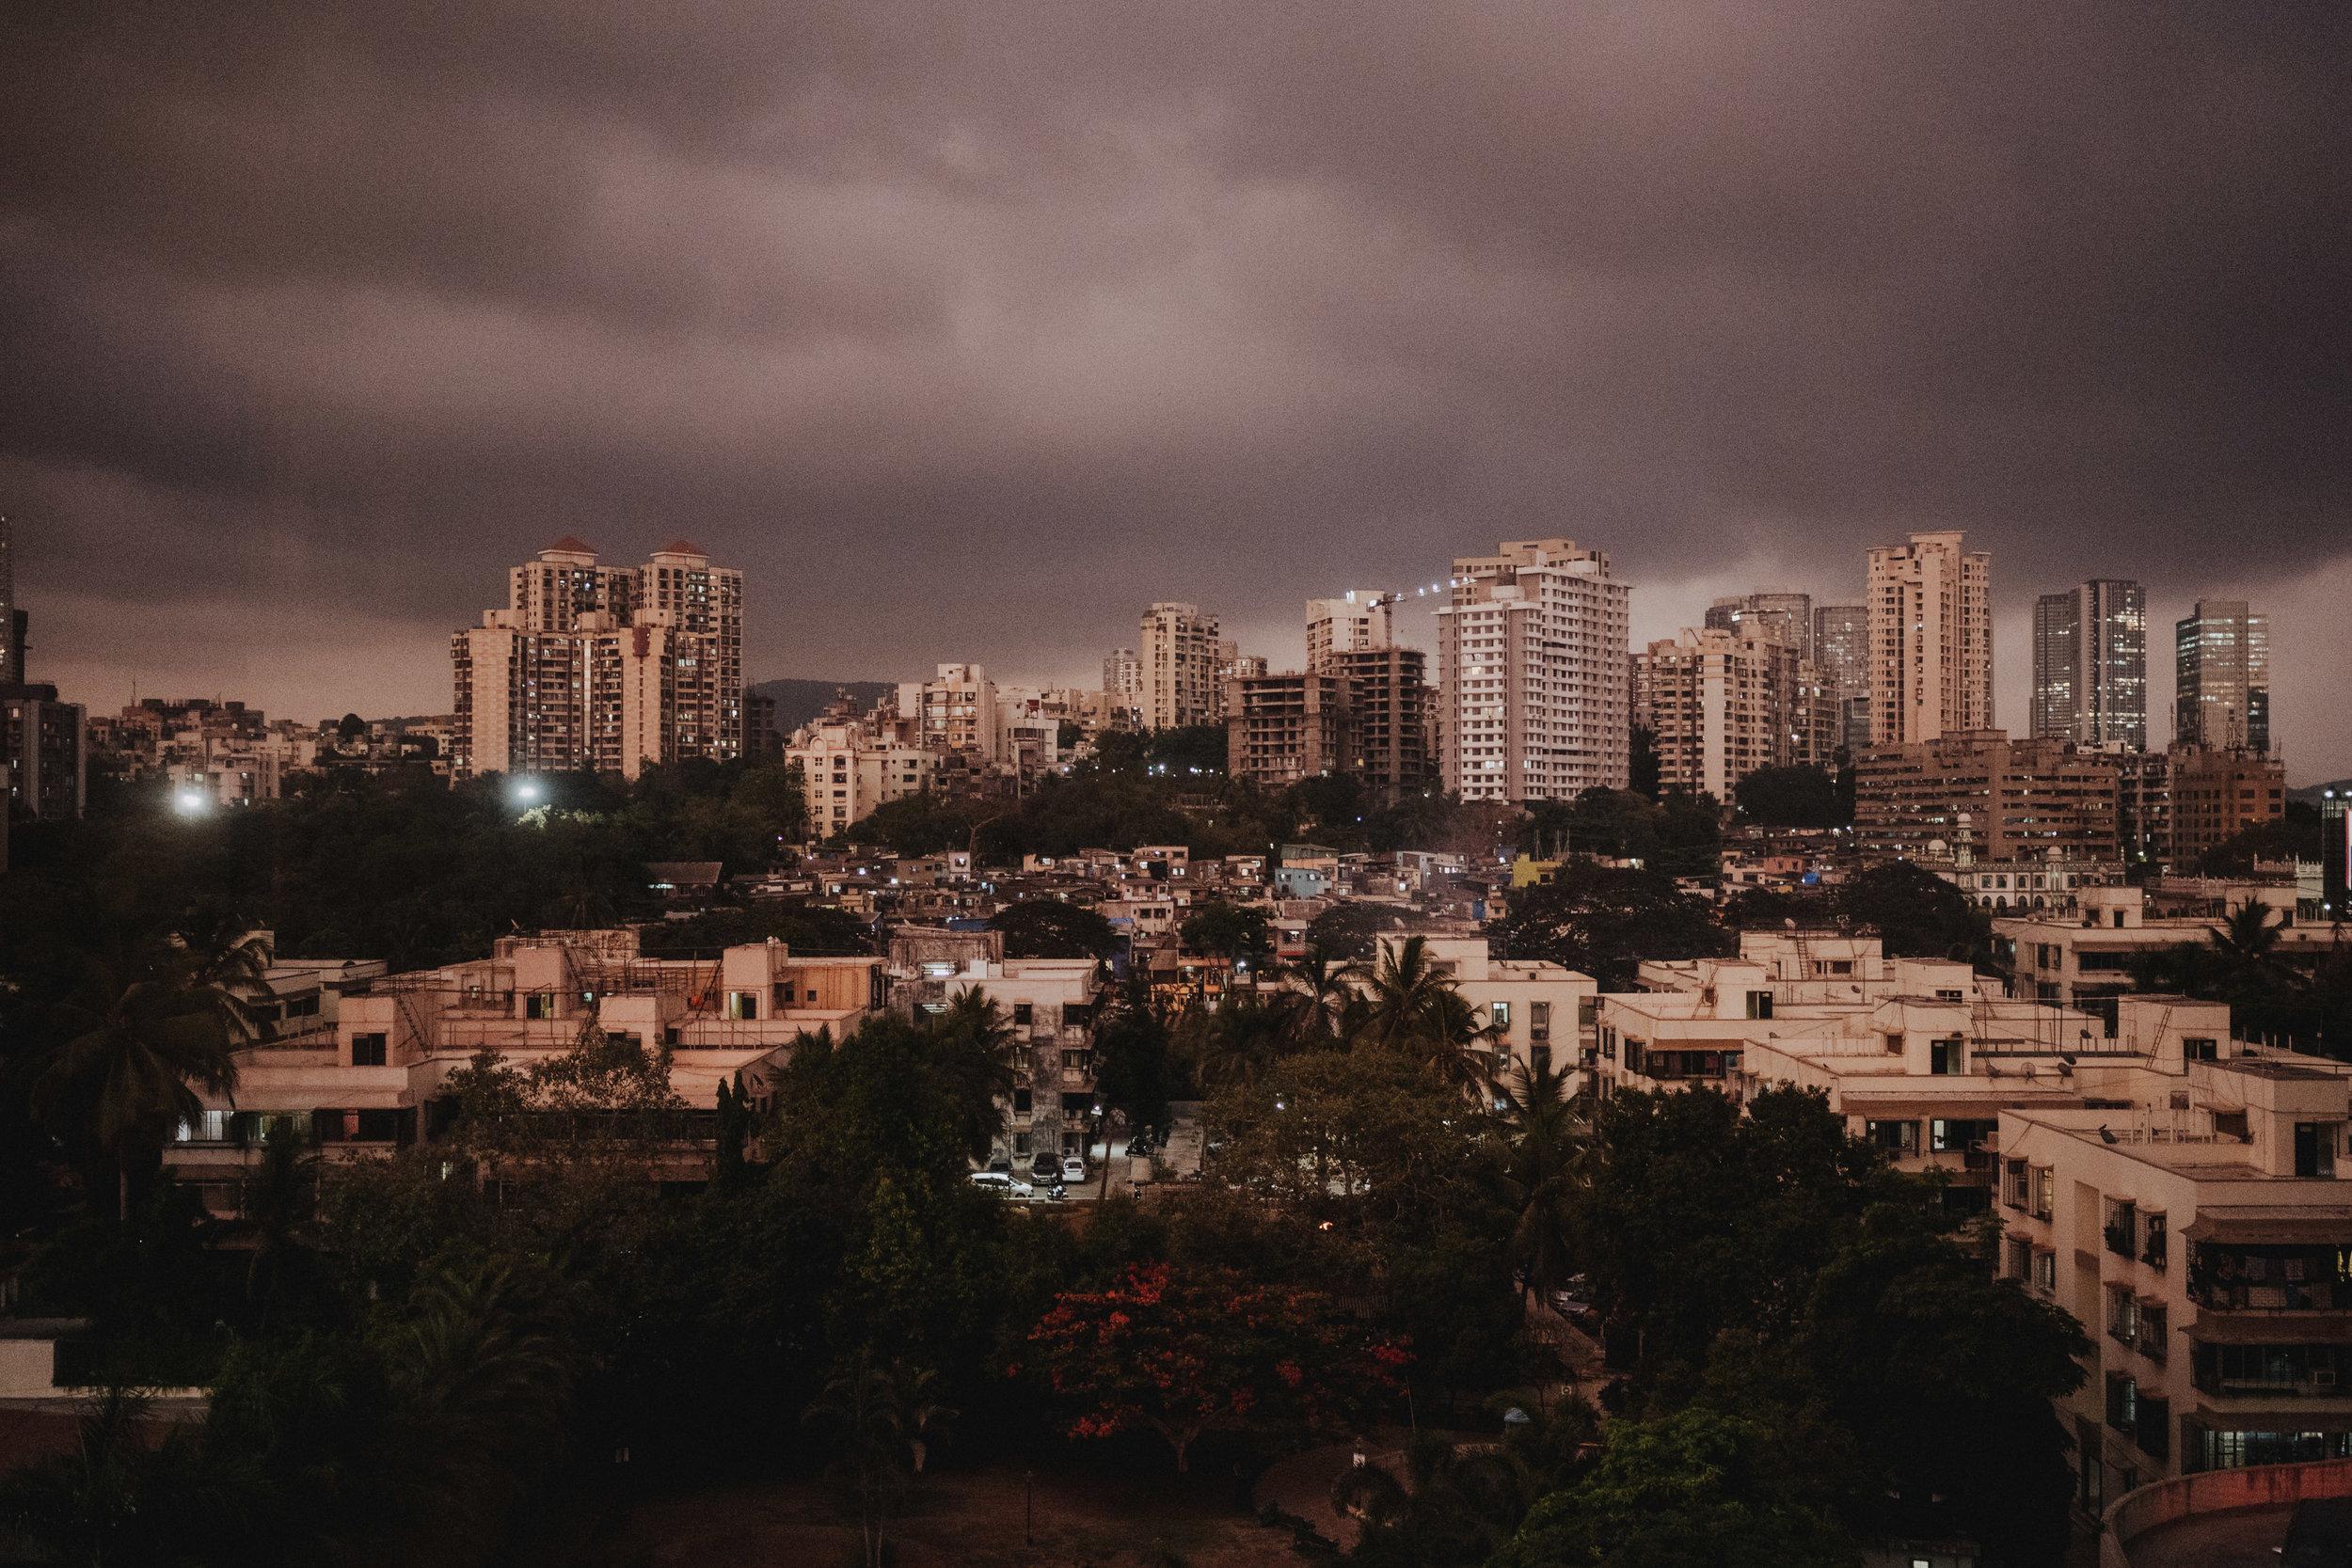 Foto von Mumbai kurz vor dem Monsun im Juni